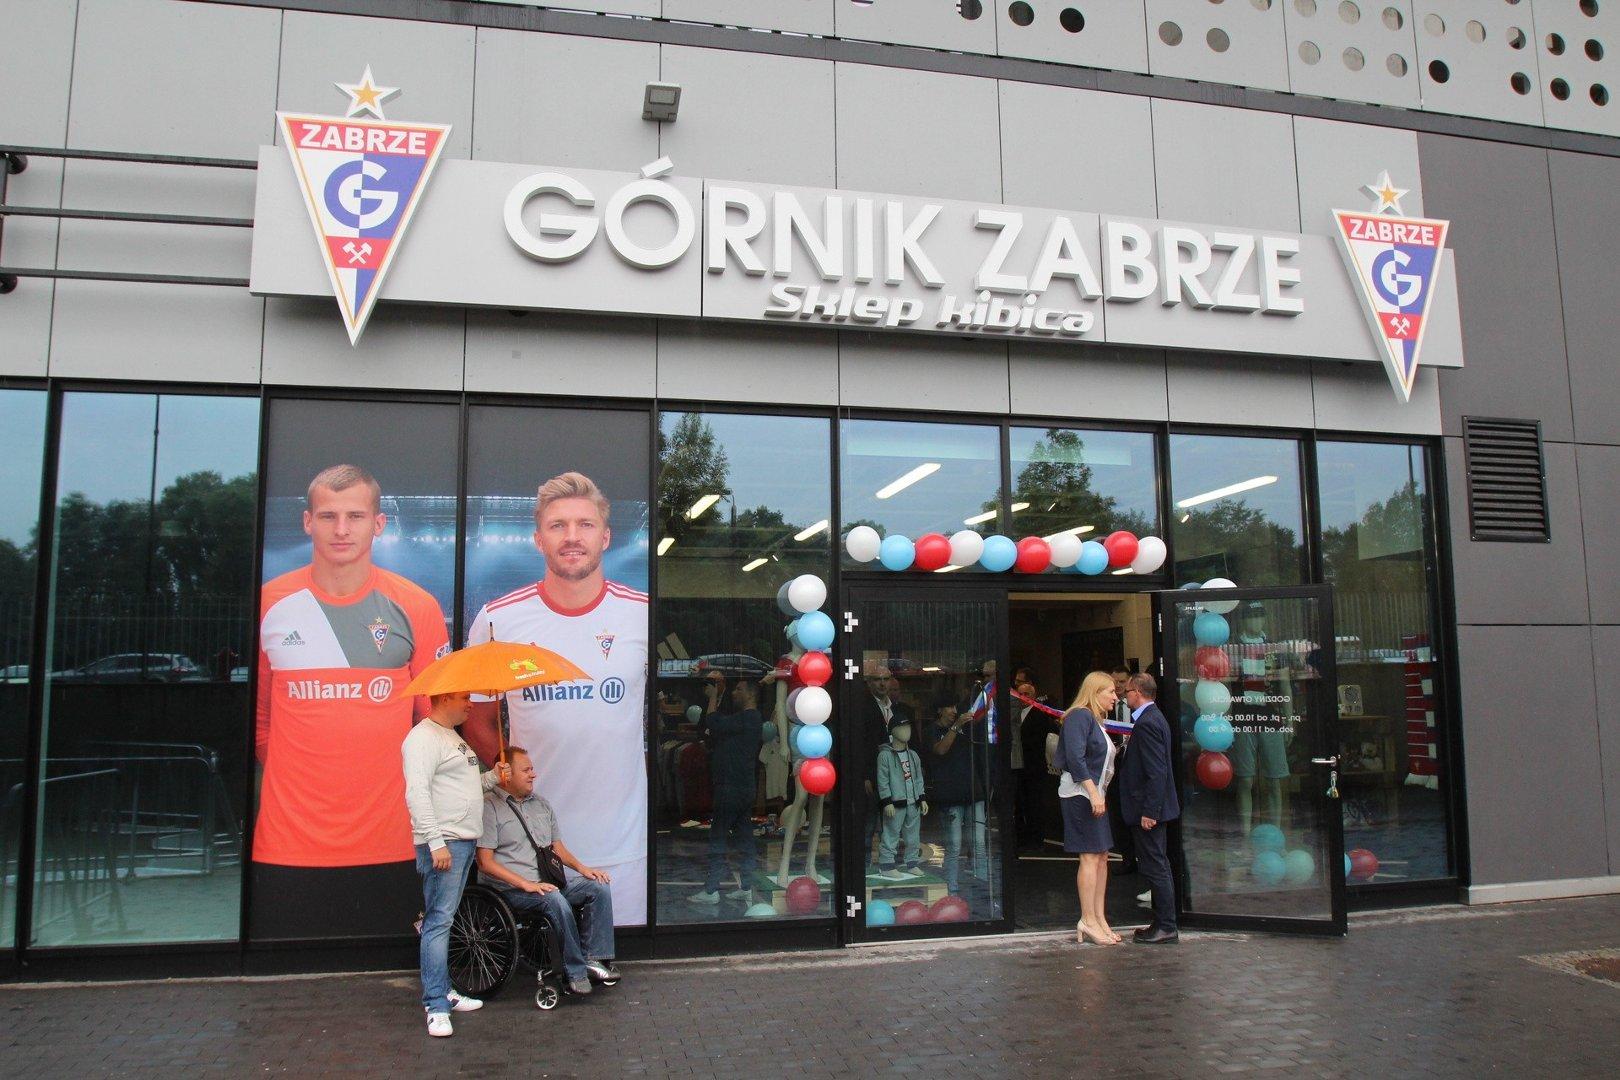 b1e77880c Górnik Zabrze otworzył Sklep Kibica, ale odwołał strefę rodzinną ...